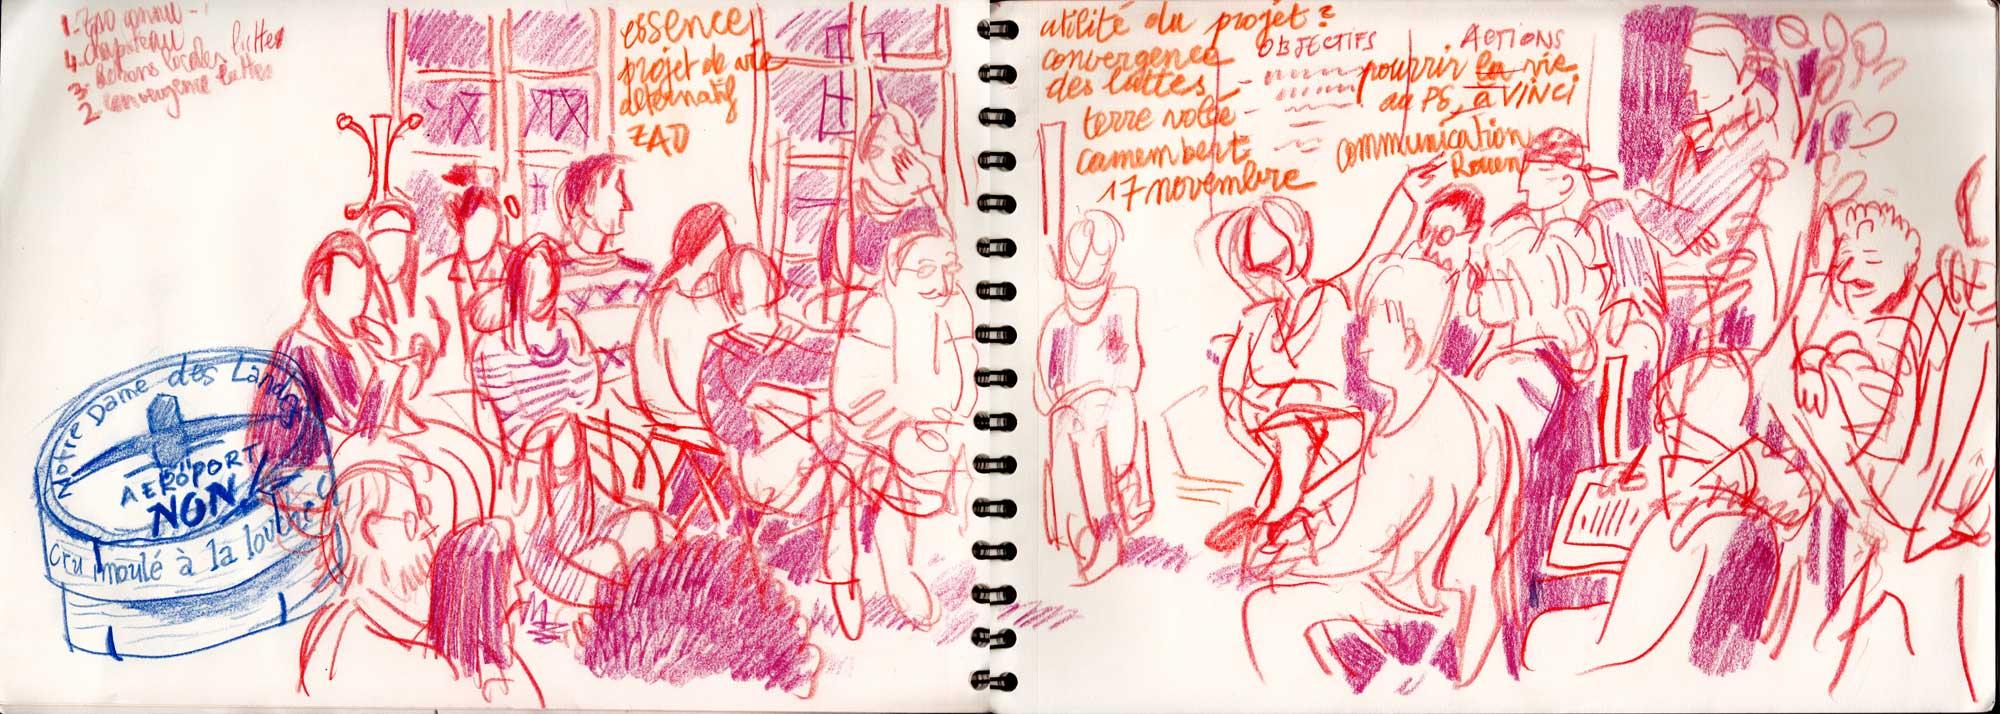 une des premières réunions de soutien à Notre-Dame-des-Landes - à Rouen - dans la salle du haut de Faites-le-Vous-Même octobre ou début novembre 2012